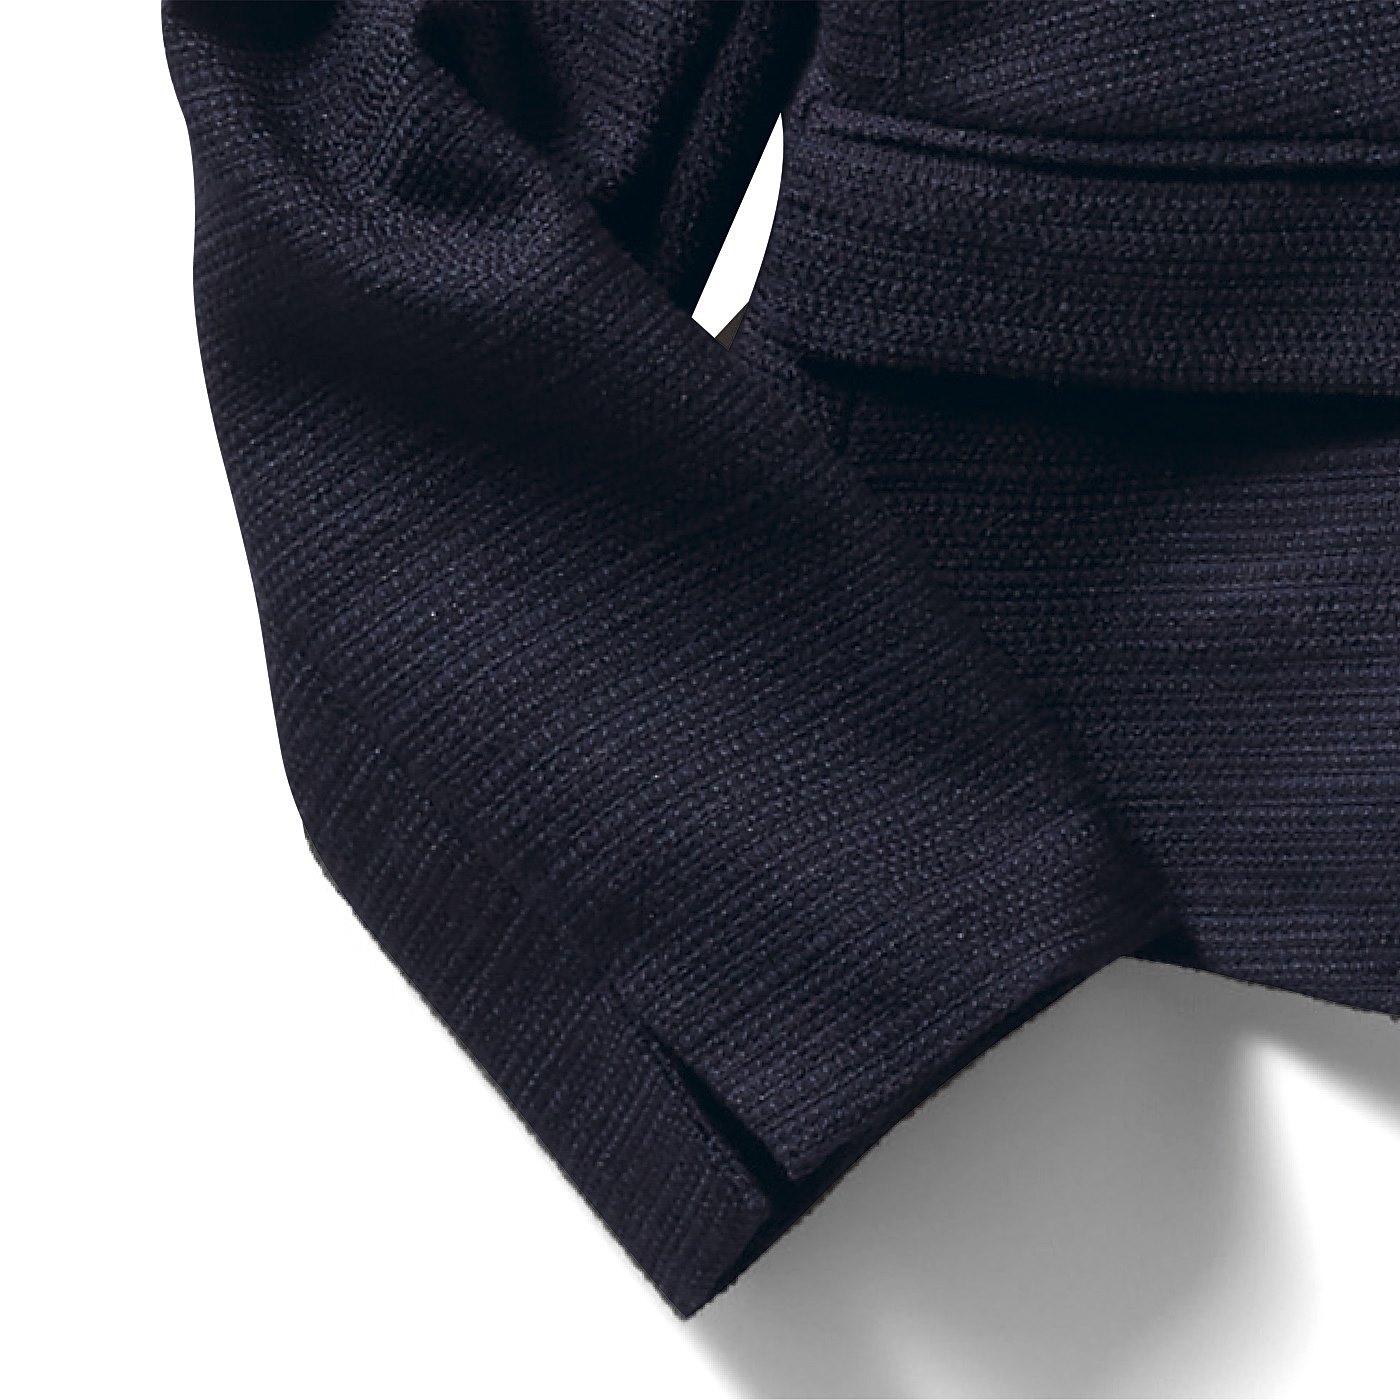 袖口のスリットが抜け感を演出してお仕事服や休日のよそゆきとしても着こなしやすいデザインです。